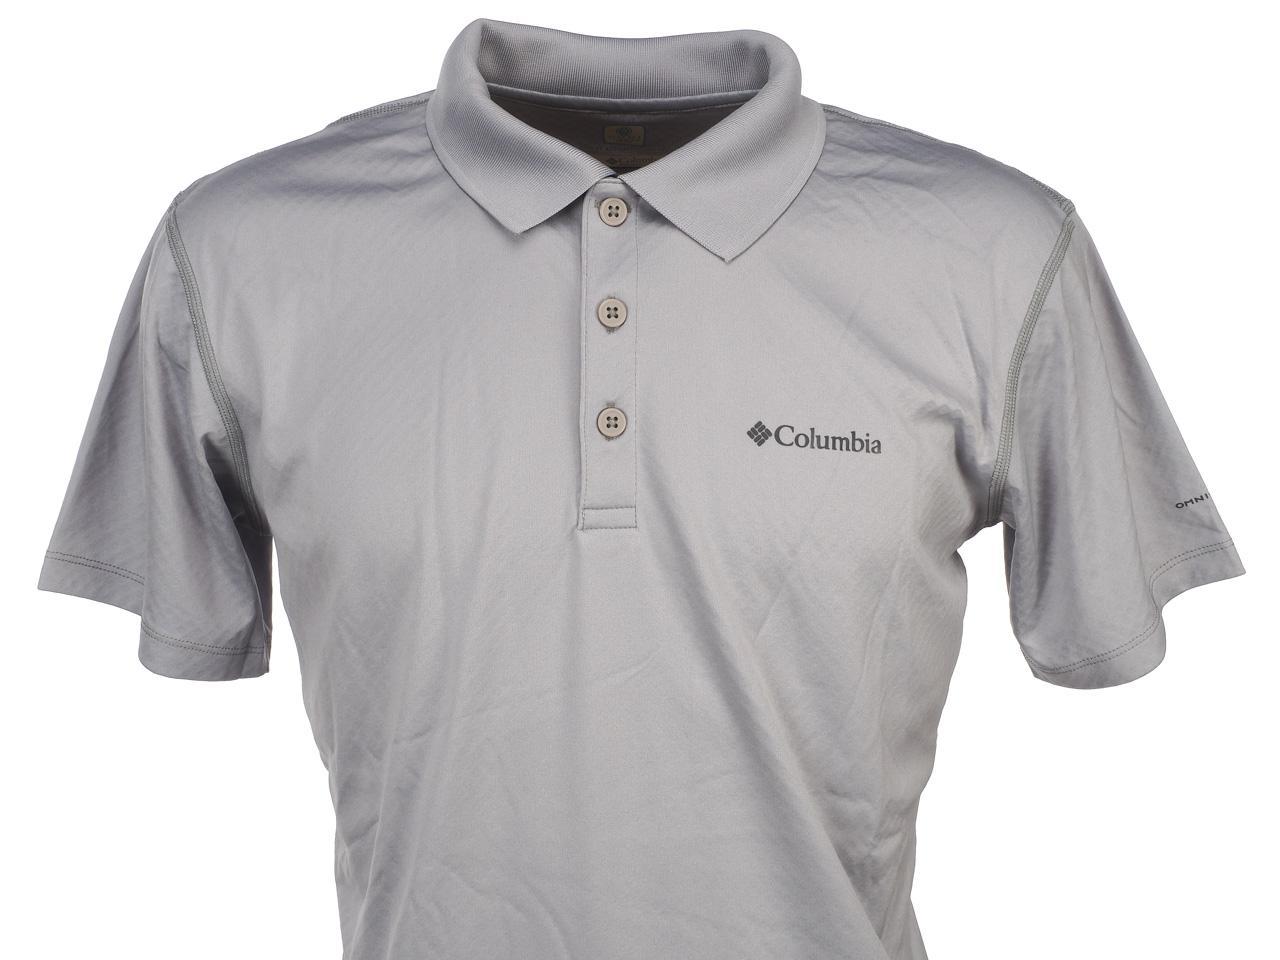 Polo-manches-courtes-Columbia-Zero-rules-grc-mc-polo-Gris-54559-Neuf